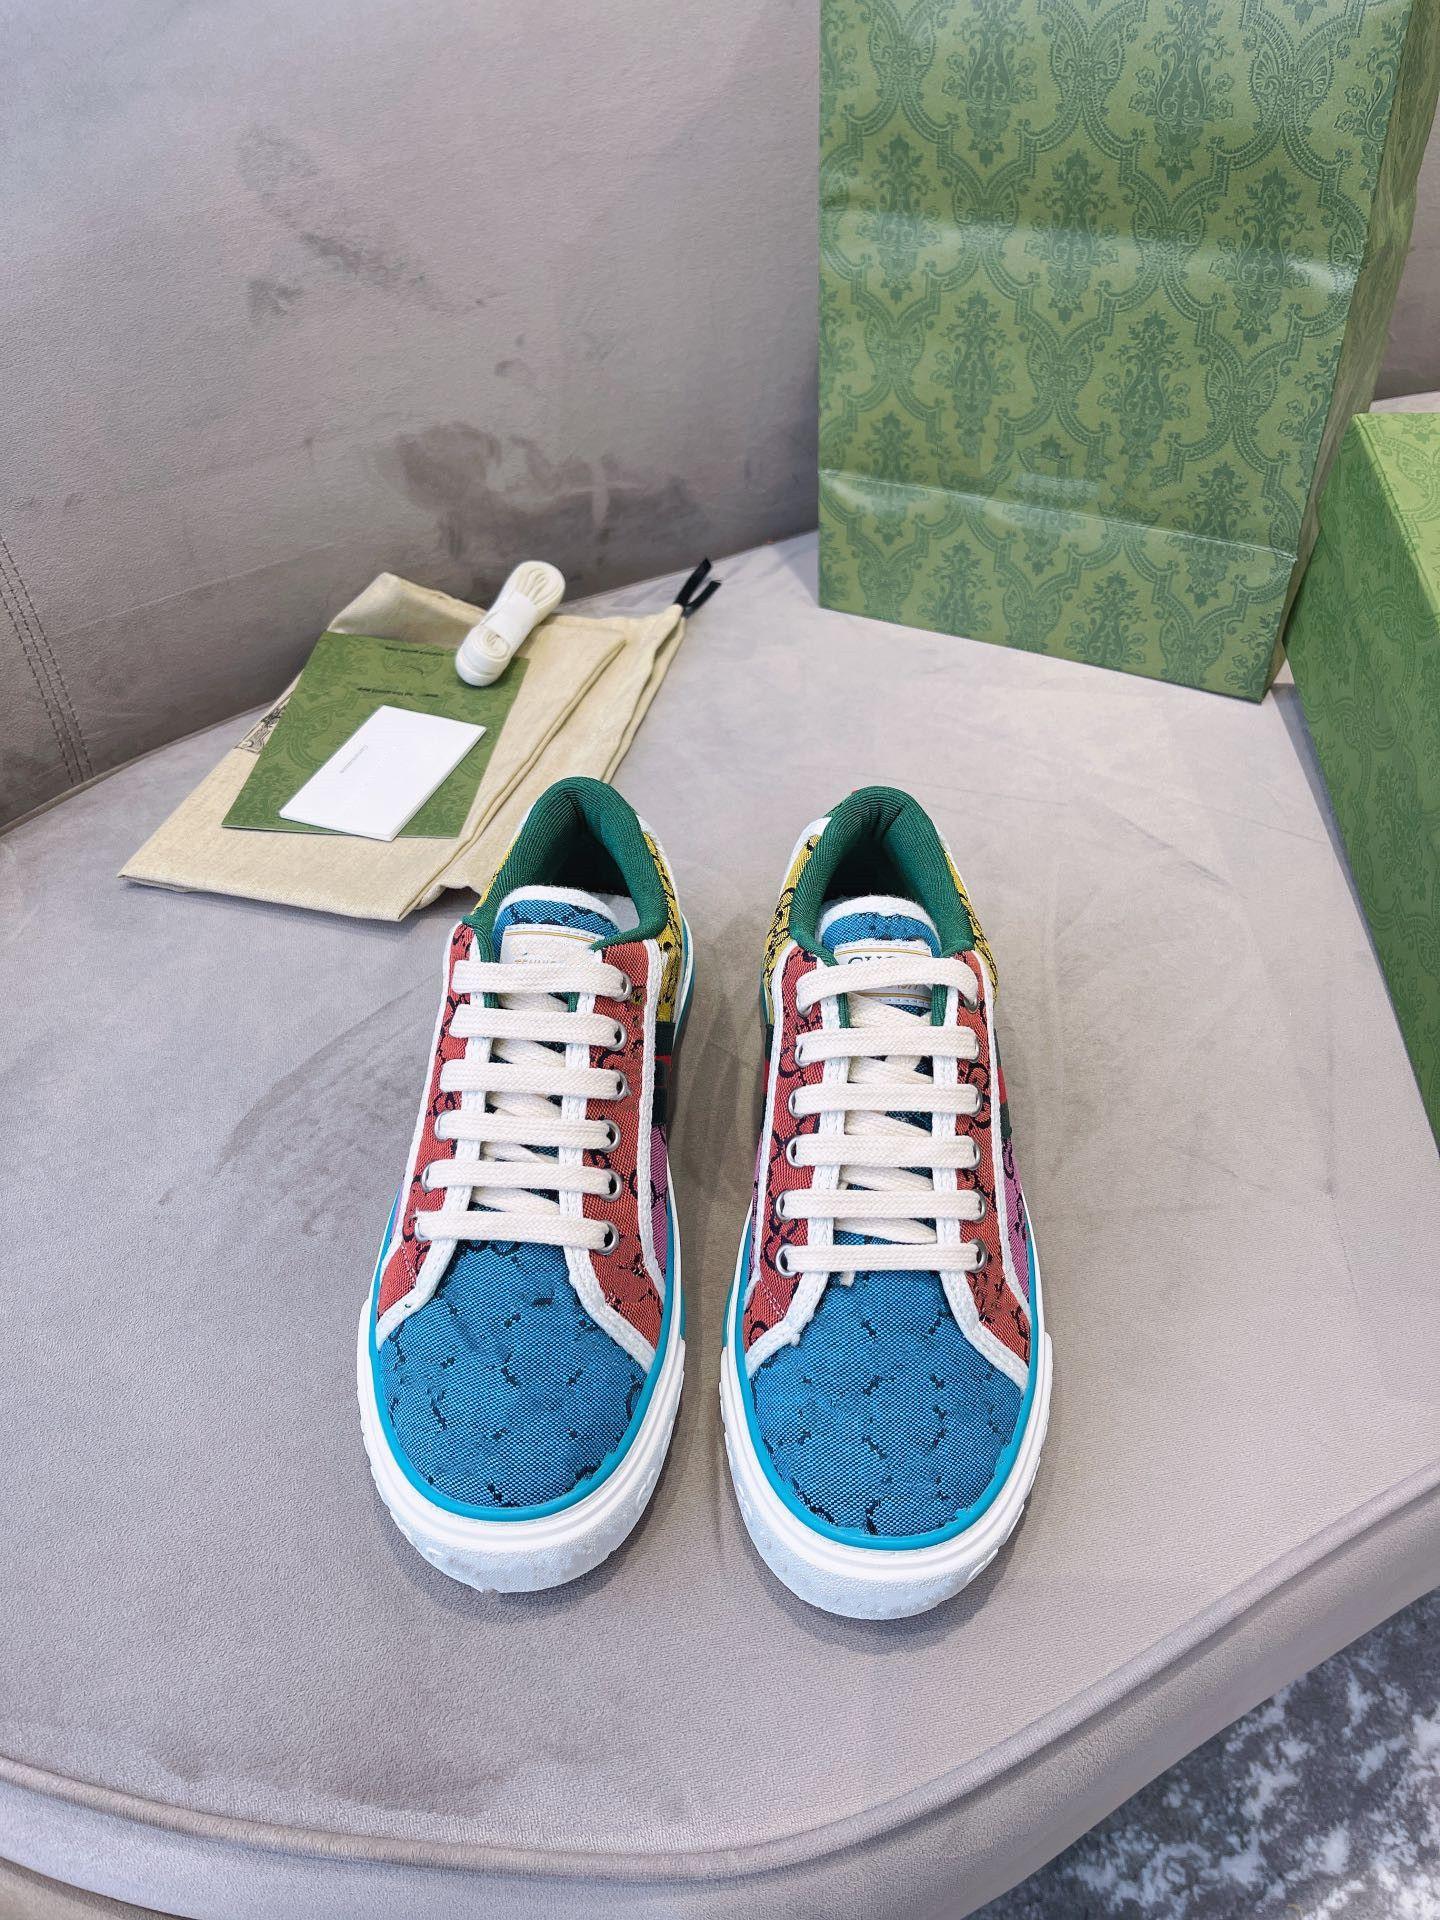 2021 أزياء g مصممين القيادة الأحذية الفاخرة الرجال النساء الأحمر أسفل عارضة شقة للجنسين zapatos أحذية رياضية المتسكعون 35-45